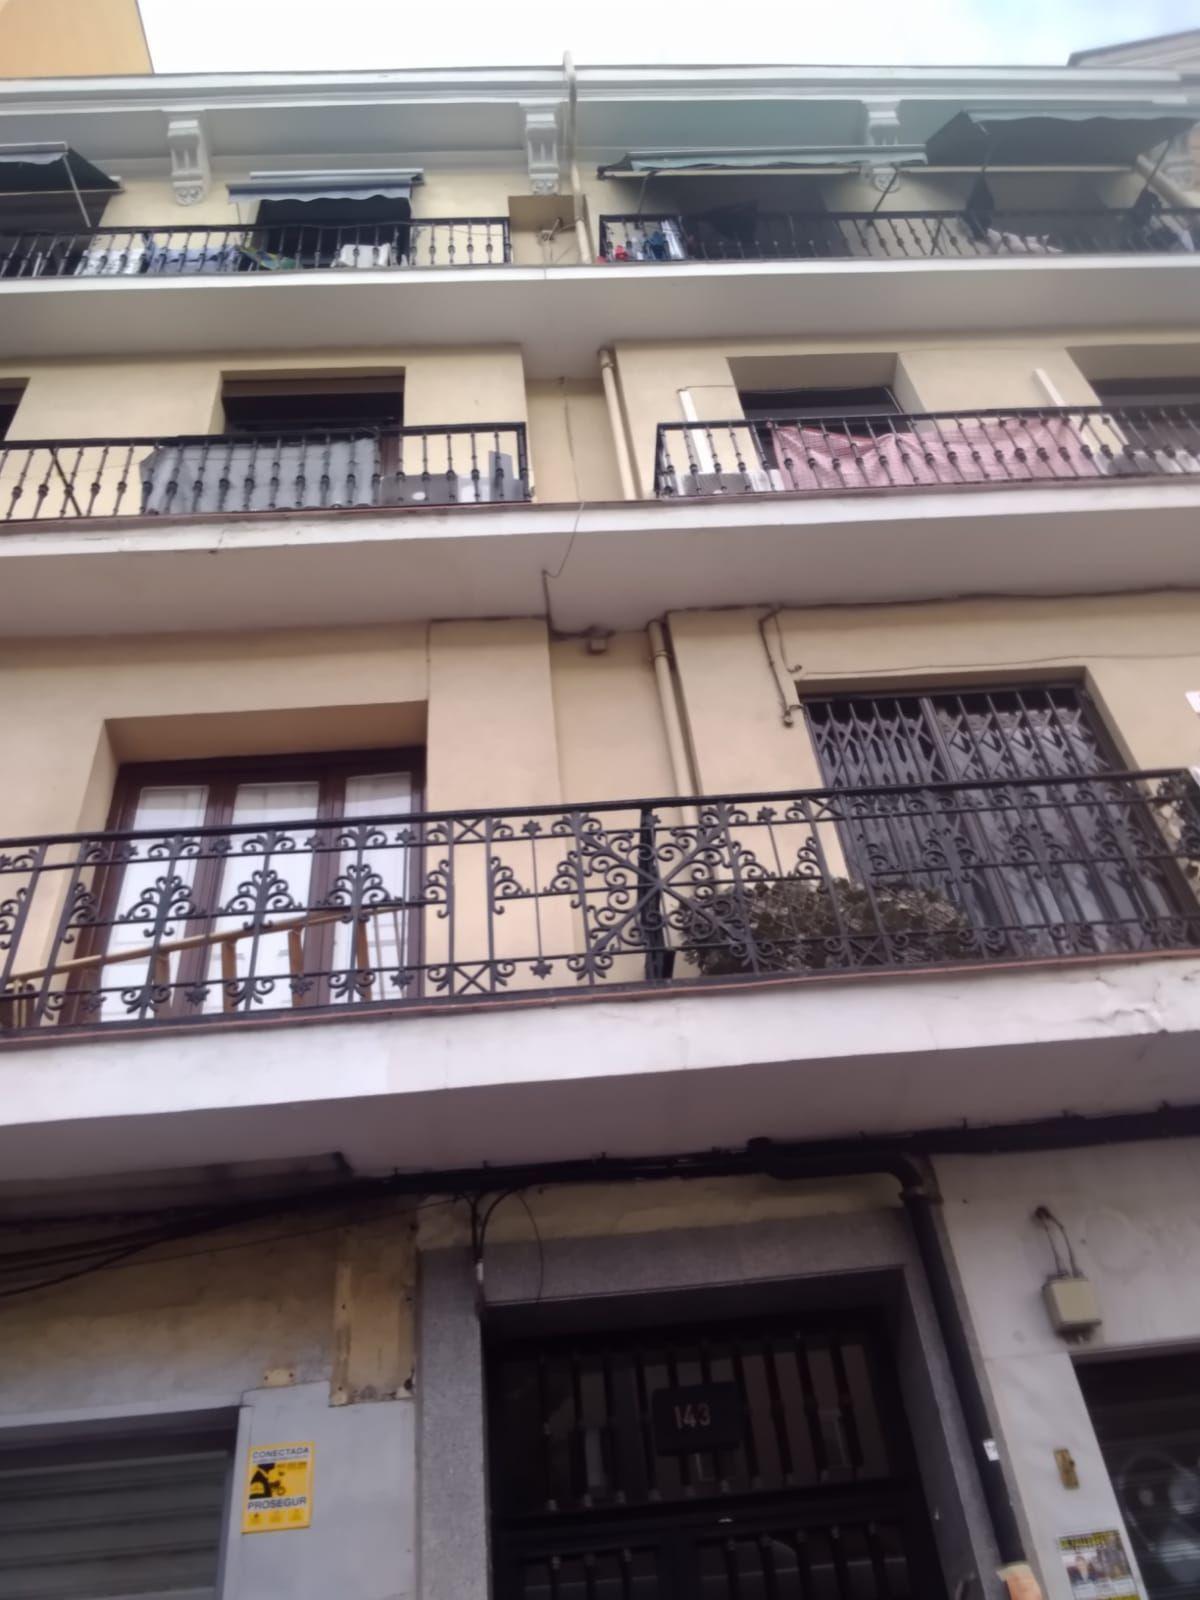 Piso en venta en  (madrid), Madrid, Paseo de la Delicias, 260.000 €, 3 habitaciones, 1 baño, 80 m2